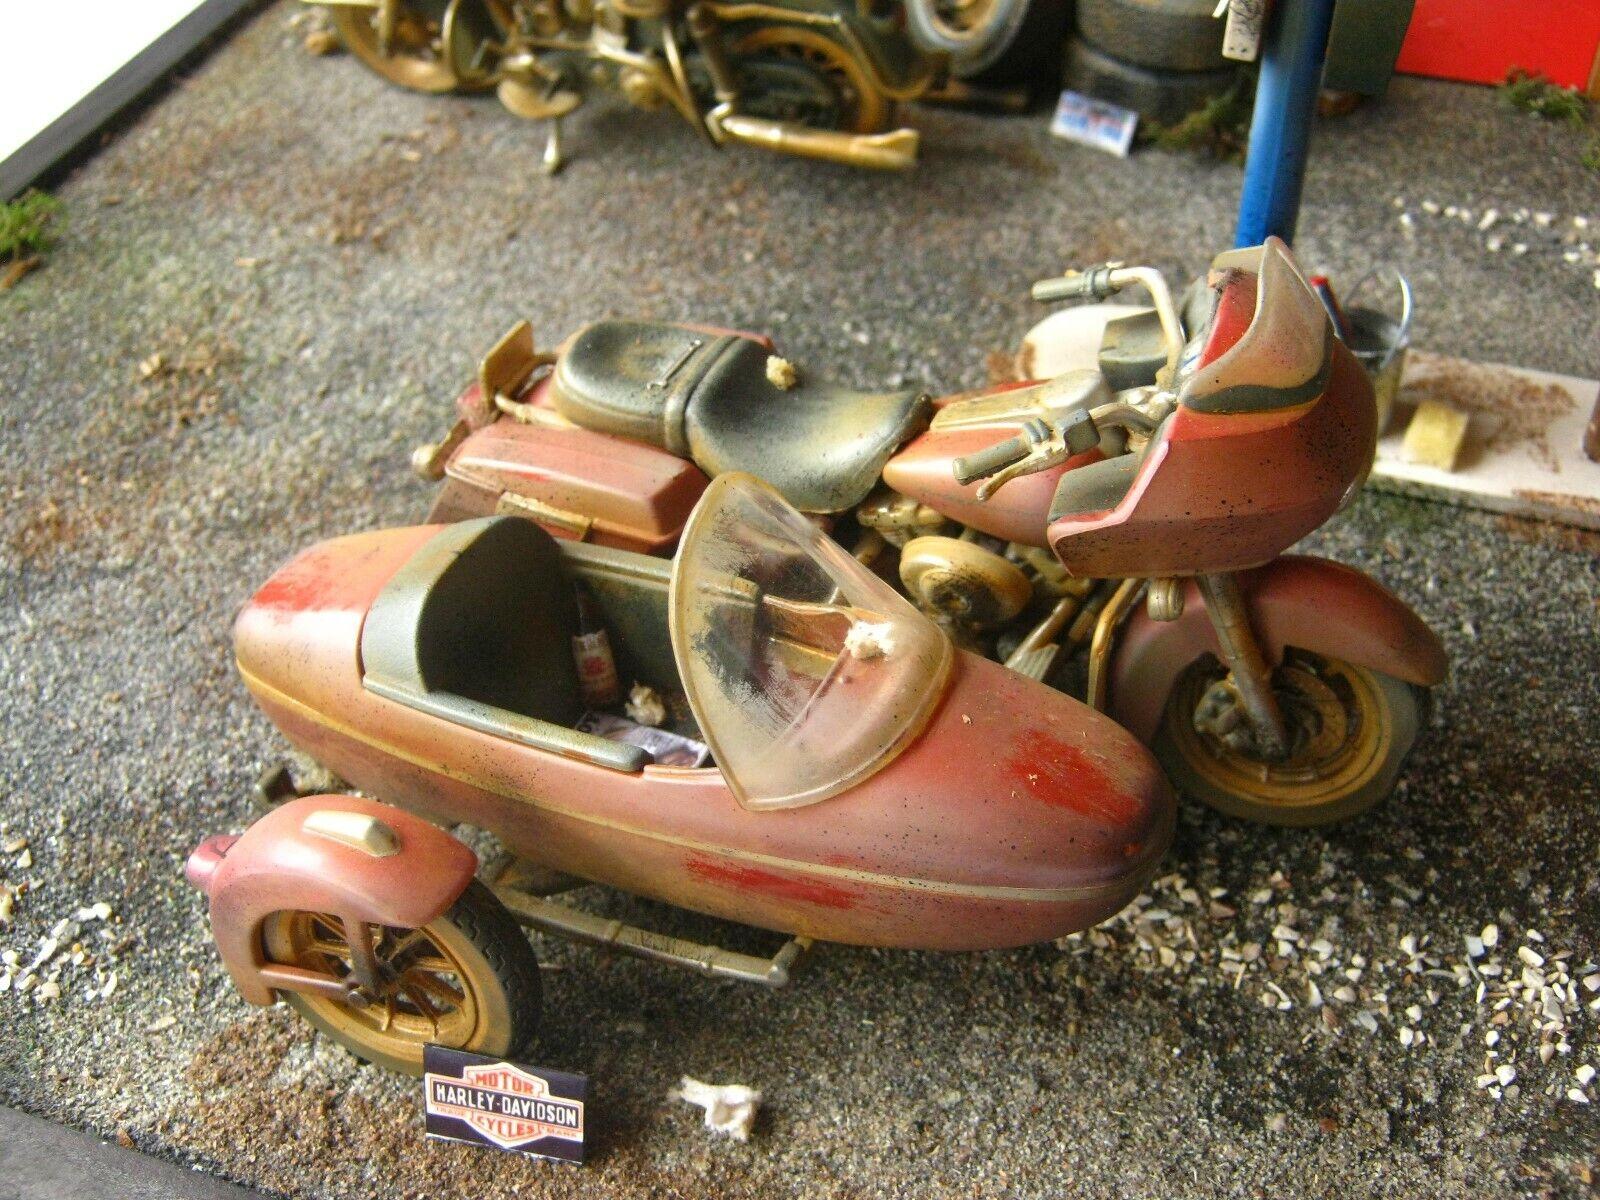 Harley Davidson with sidecar in 1 18 barn find handwork  modellich  unrestored